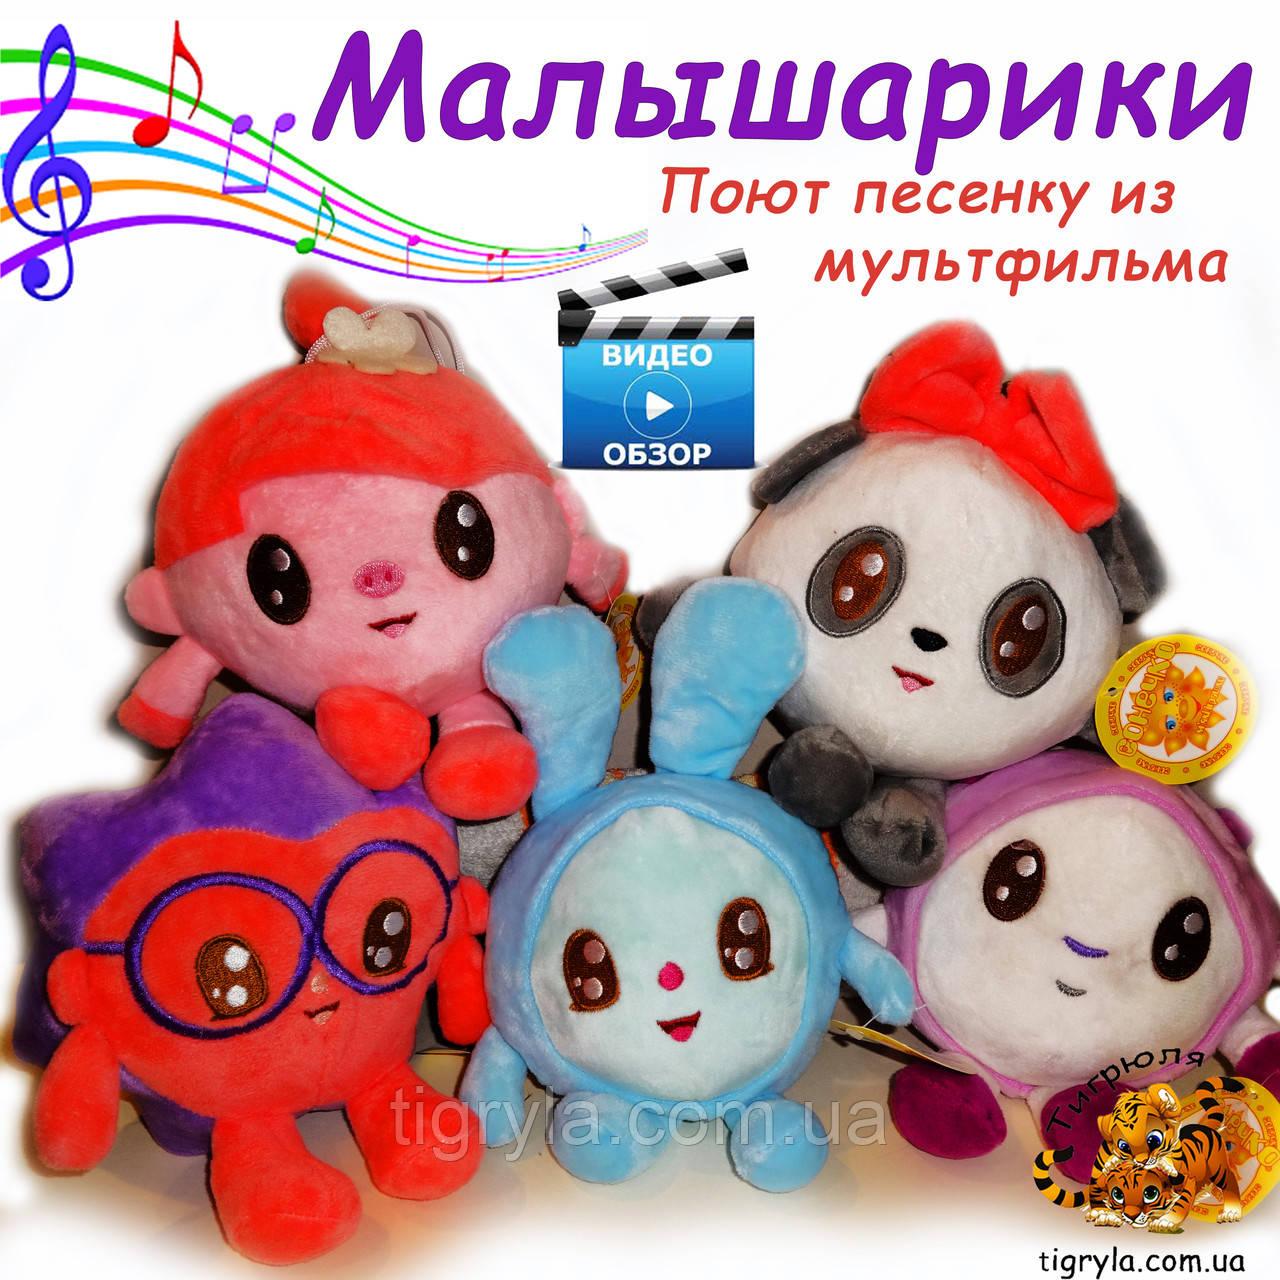 Комплект із 5-ти м'яких музичних іграшок Малишаріки